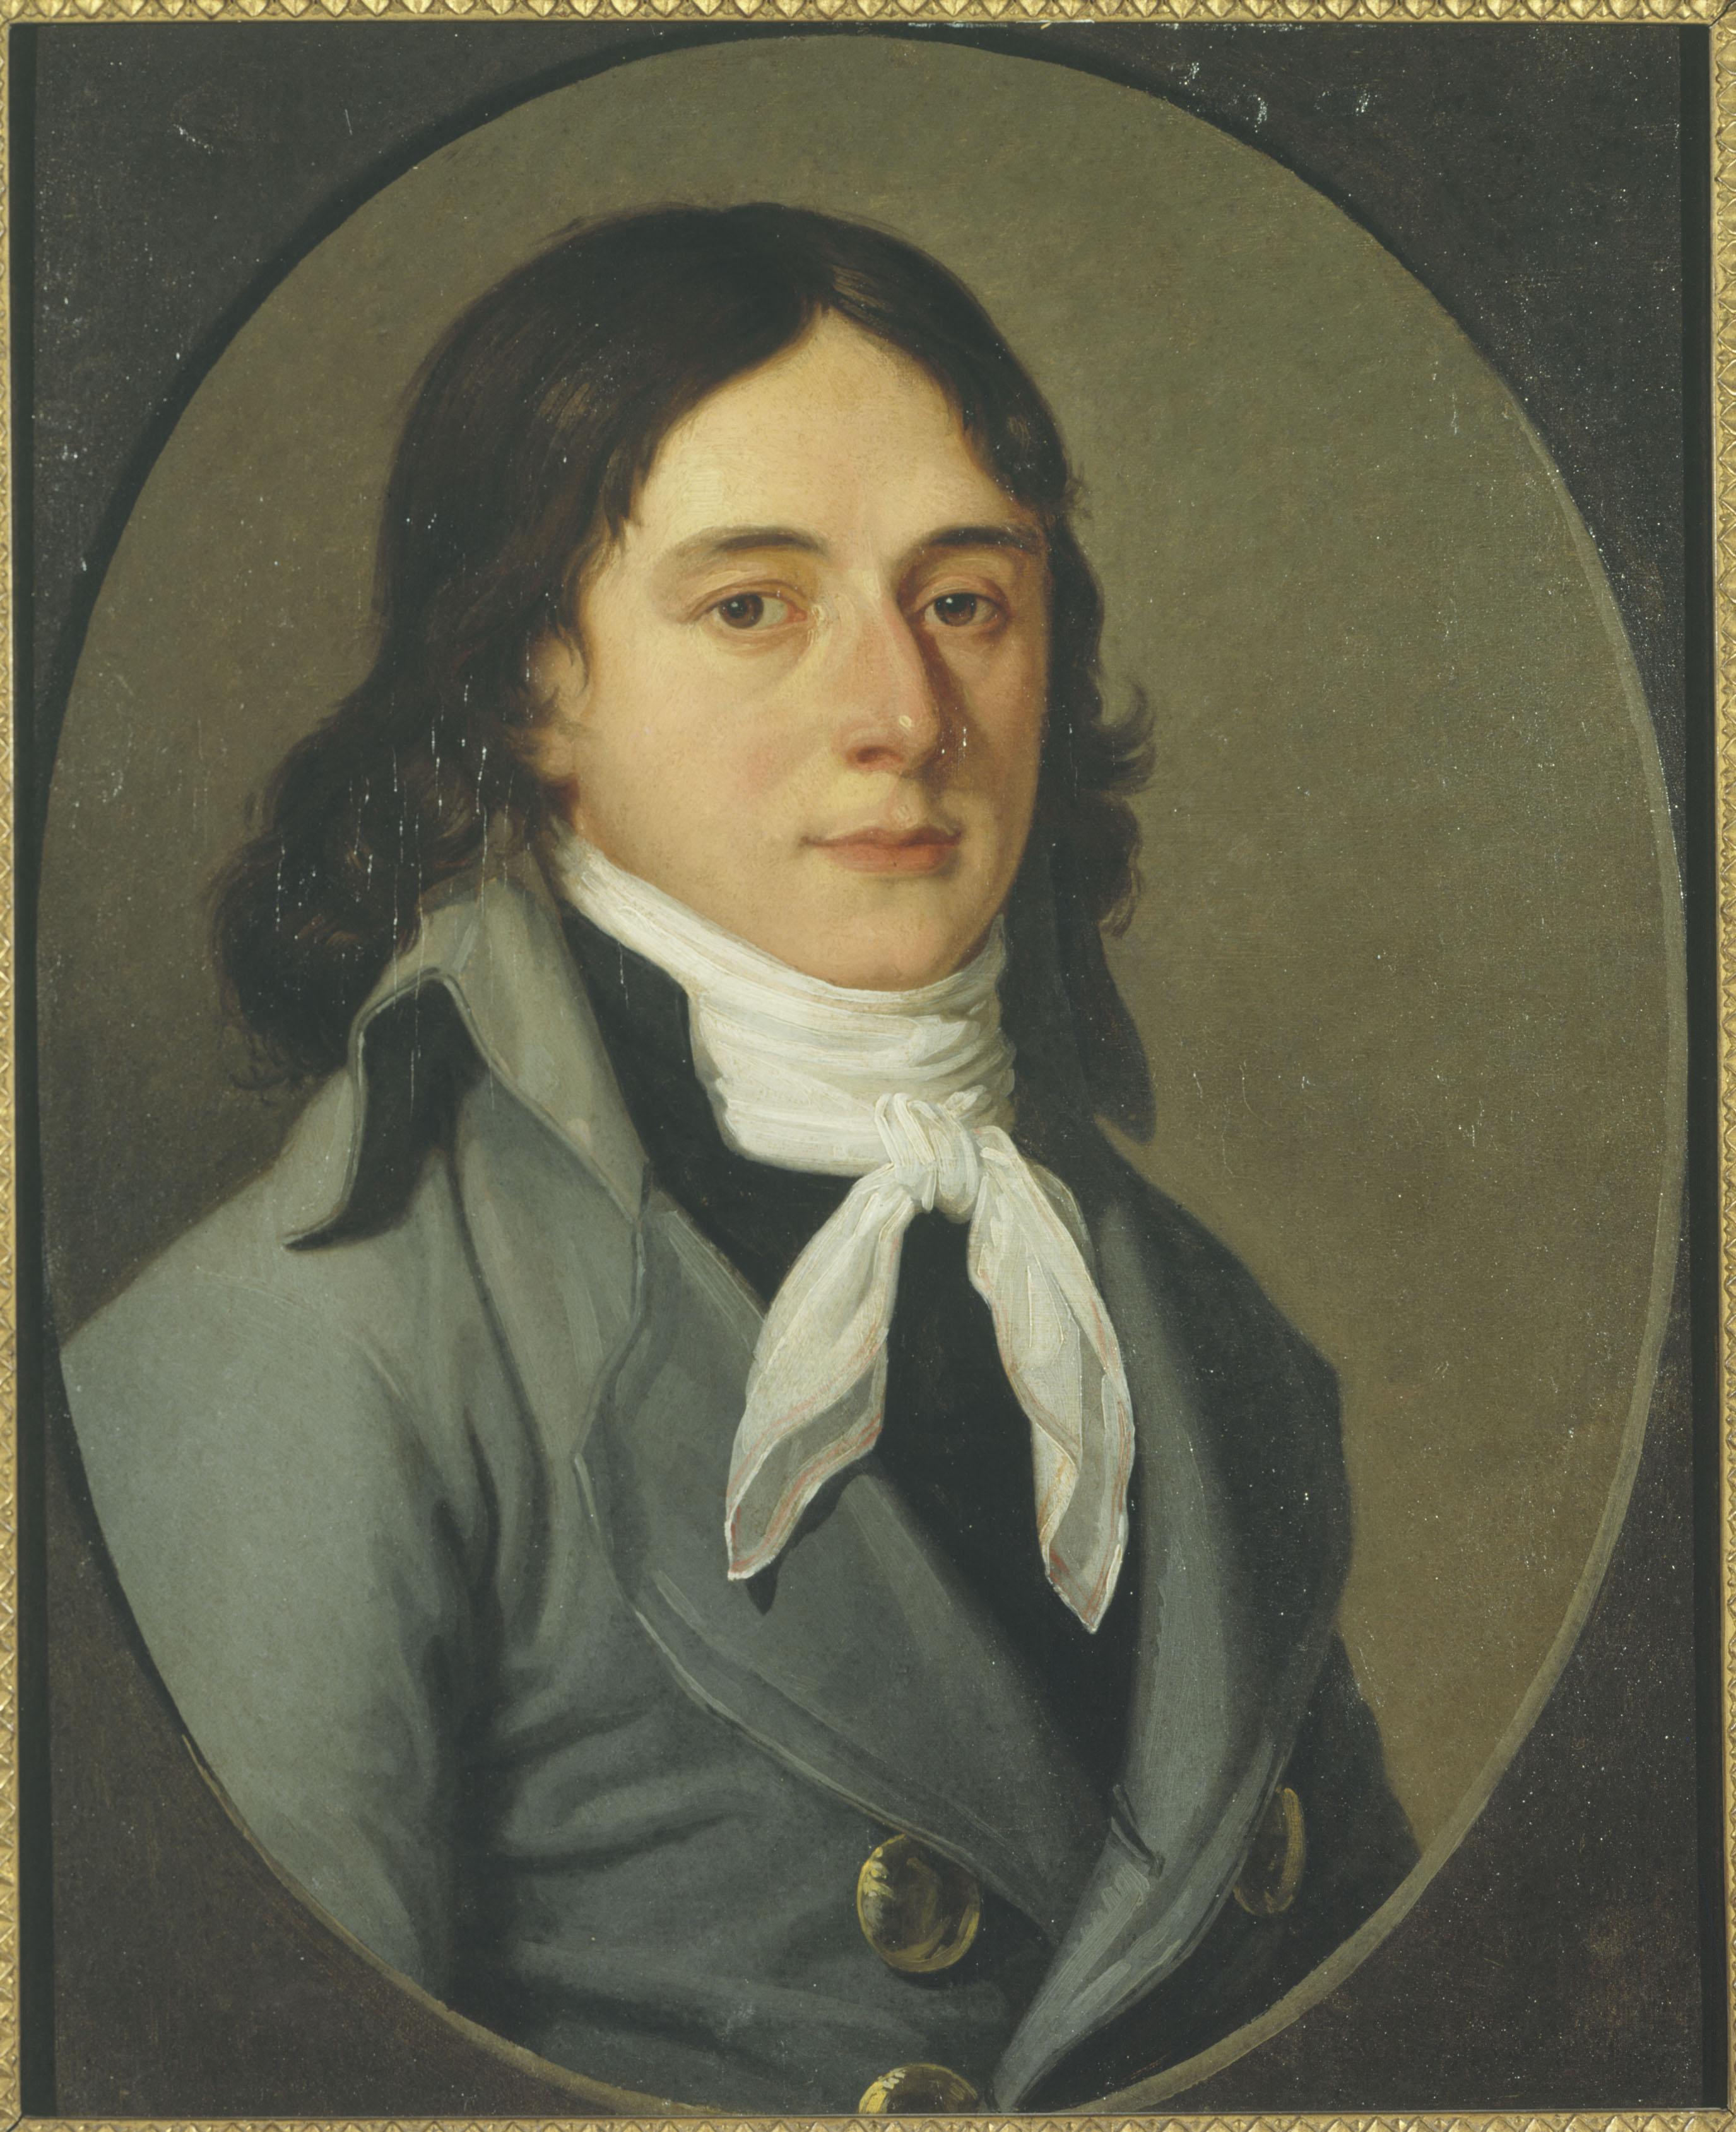 Portrait of Camille Desmoulins